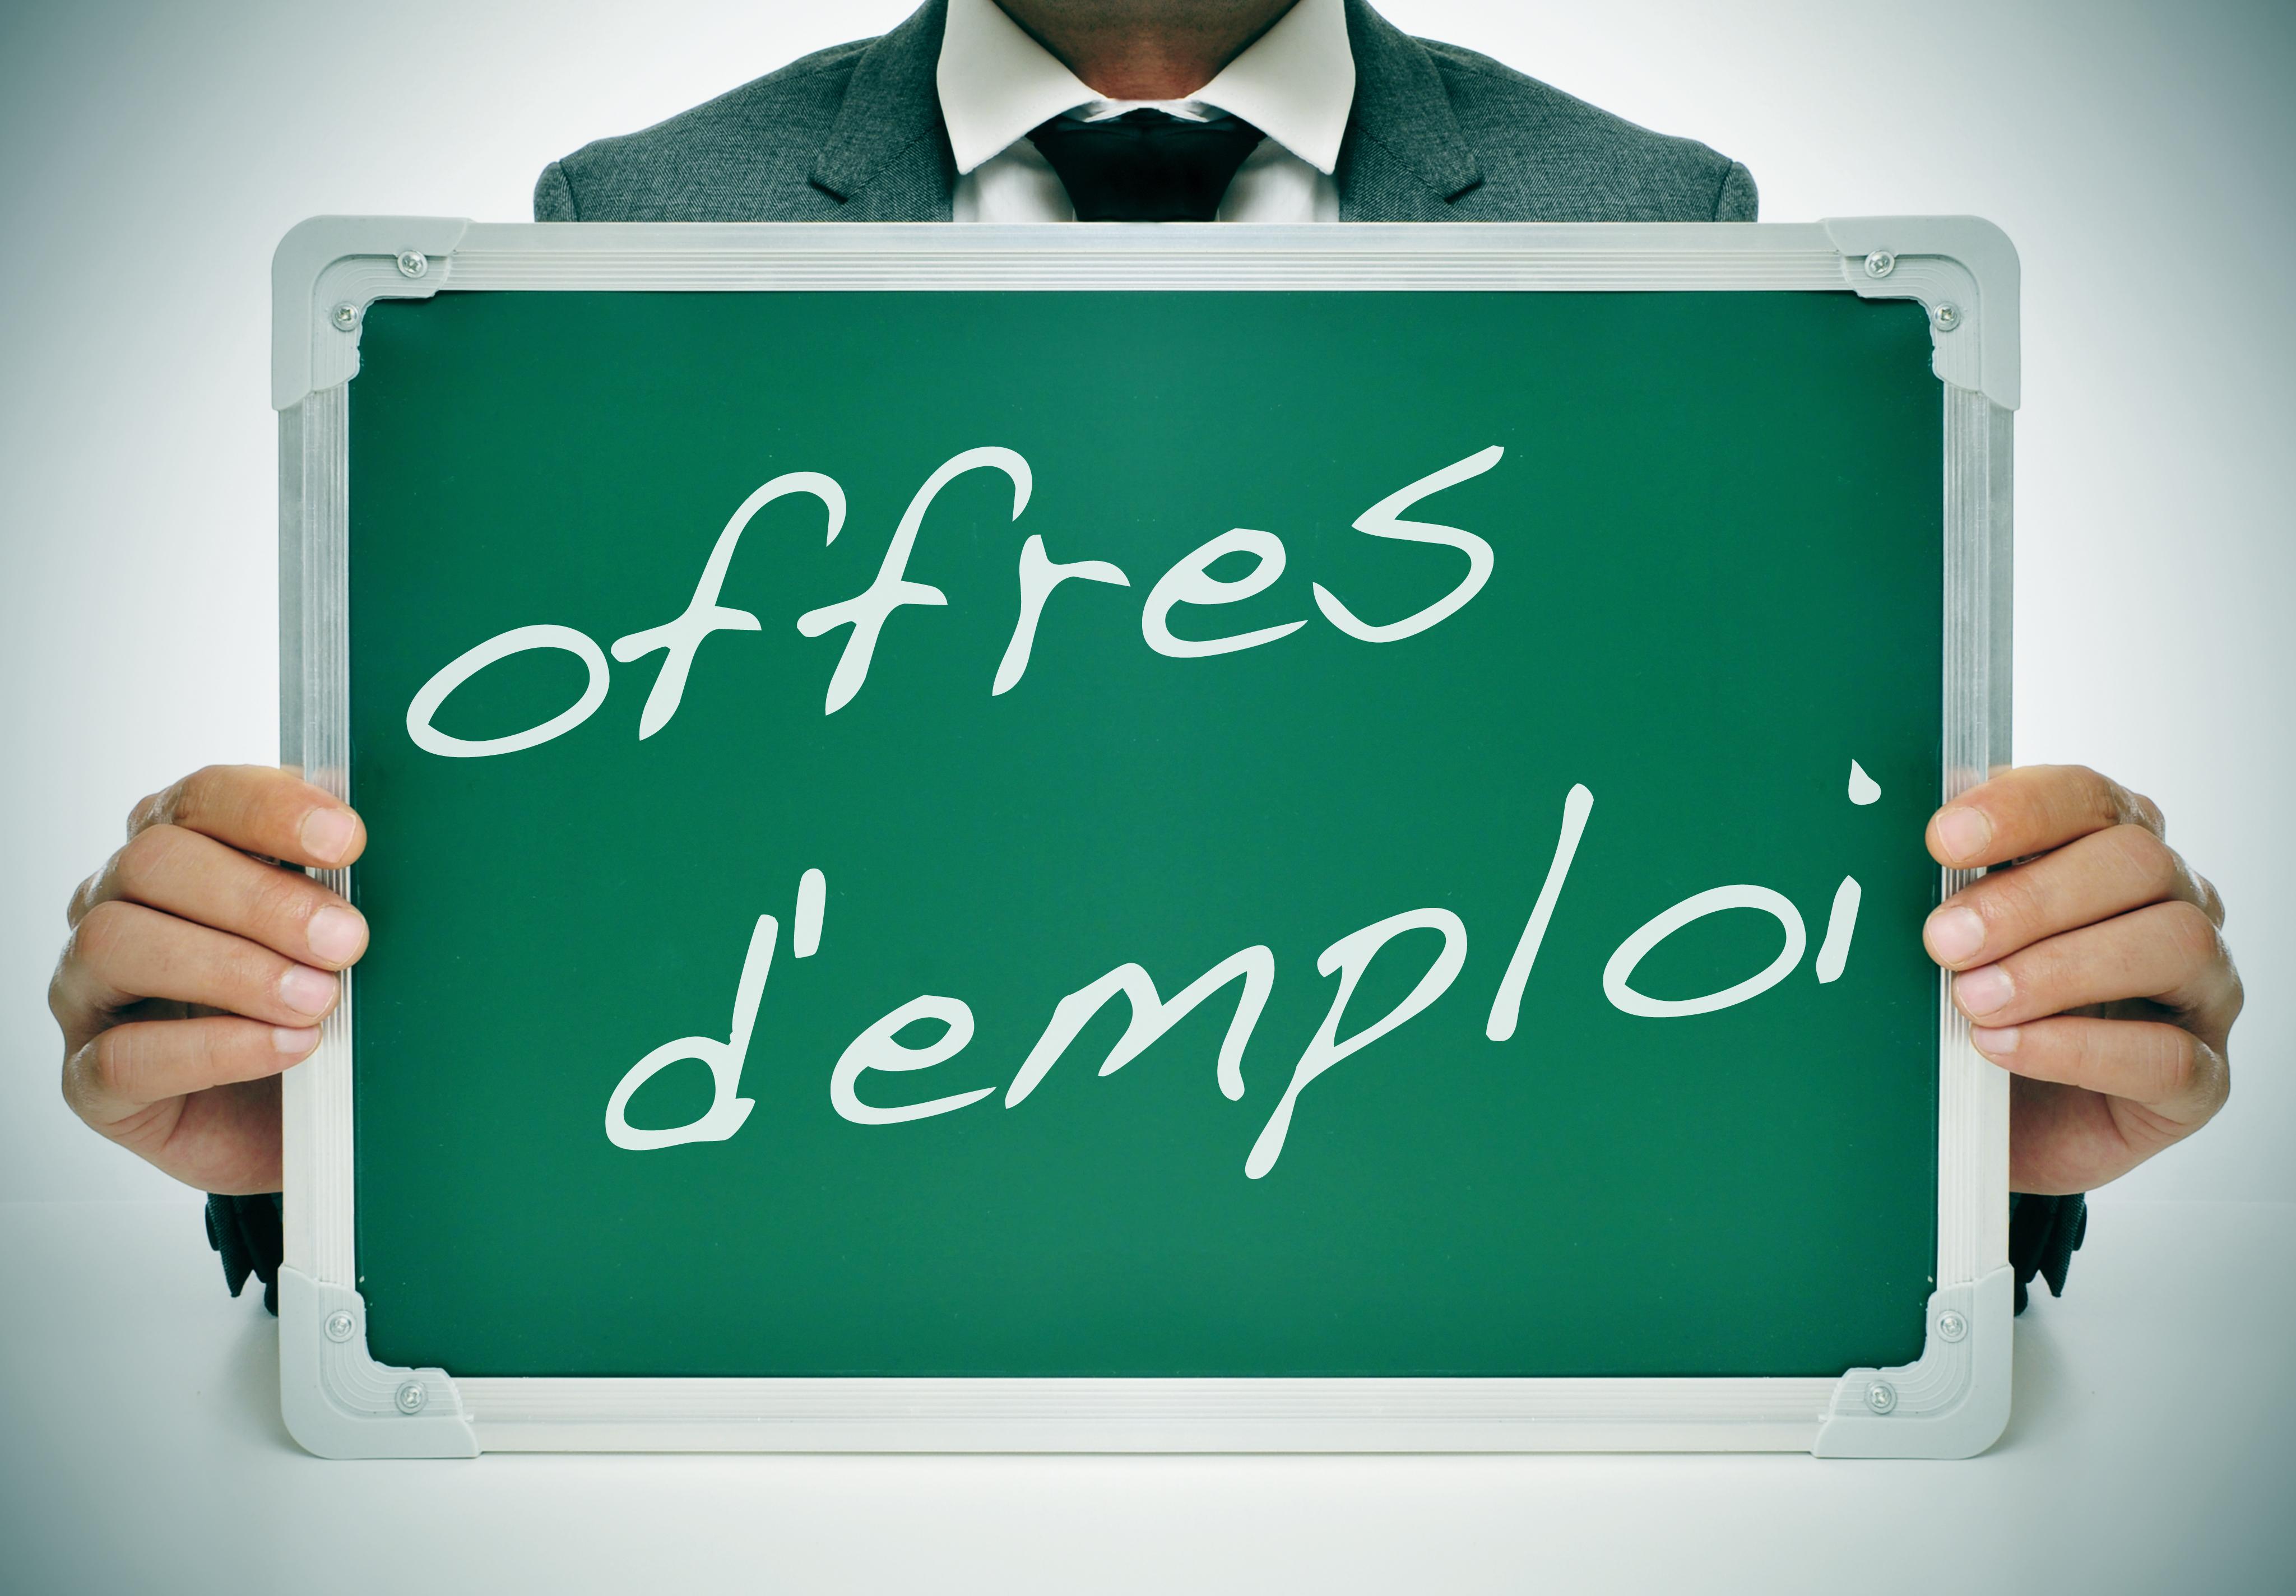 Offres-demploi-Image